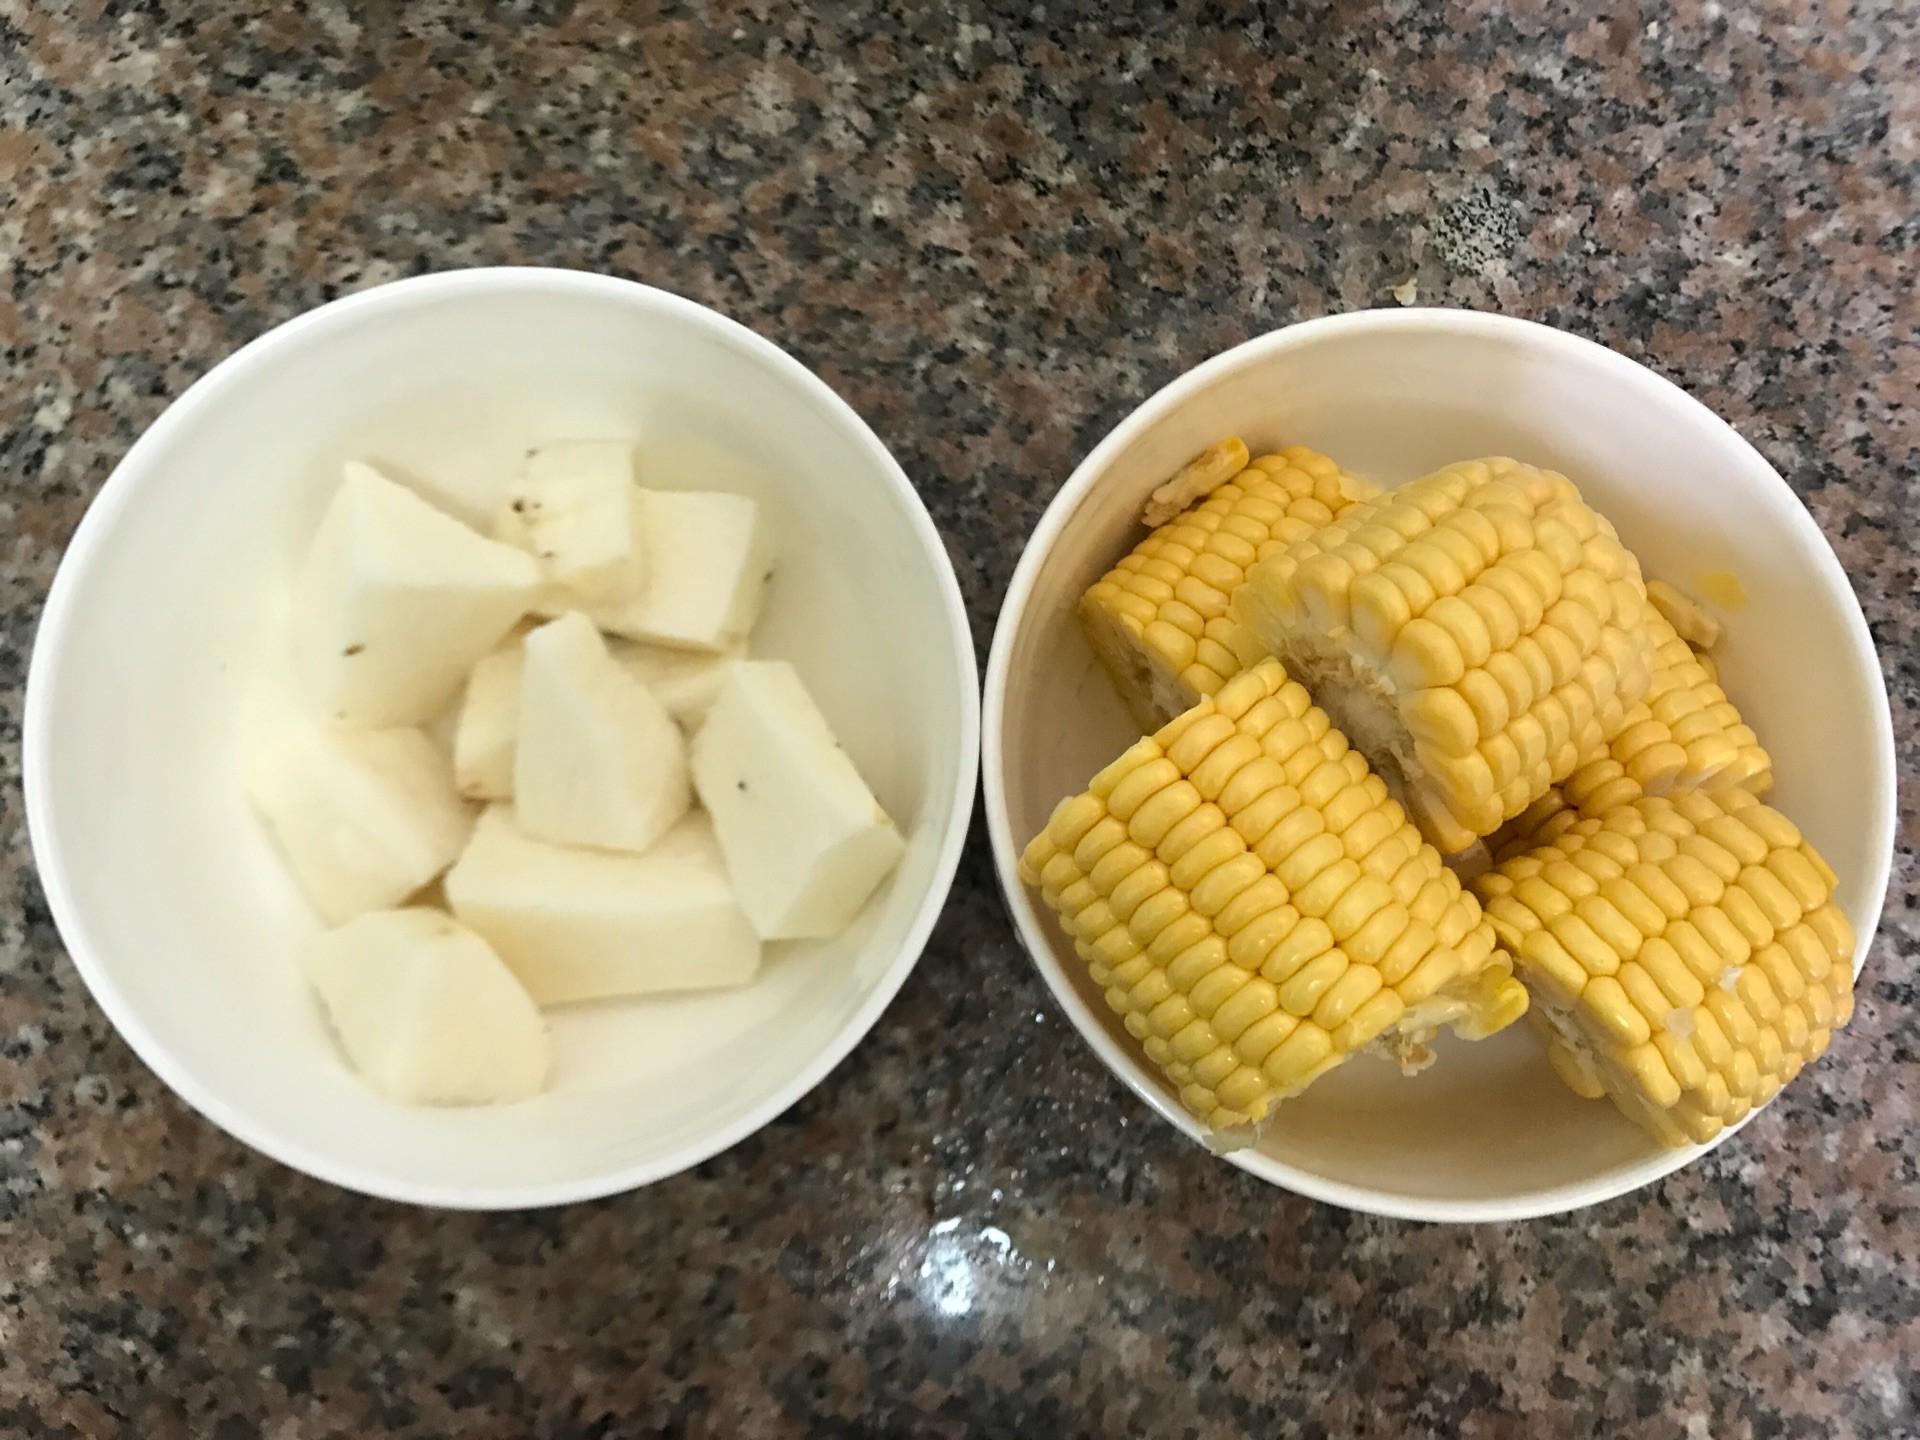 Thử nấu canh sườn theo kiểu mới, chắc chắn cả nhà bạn thích mê-1